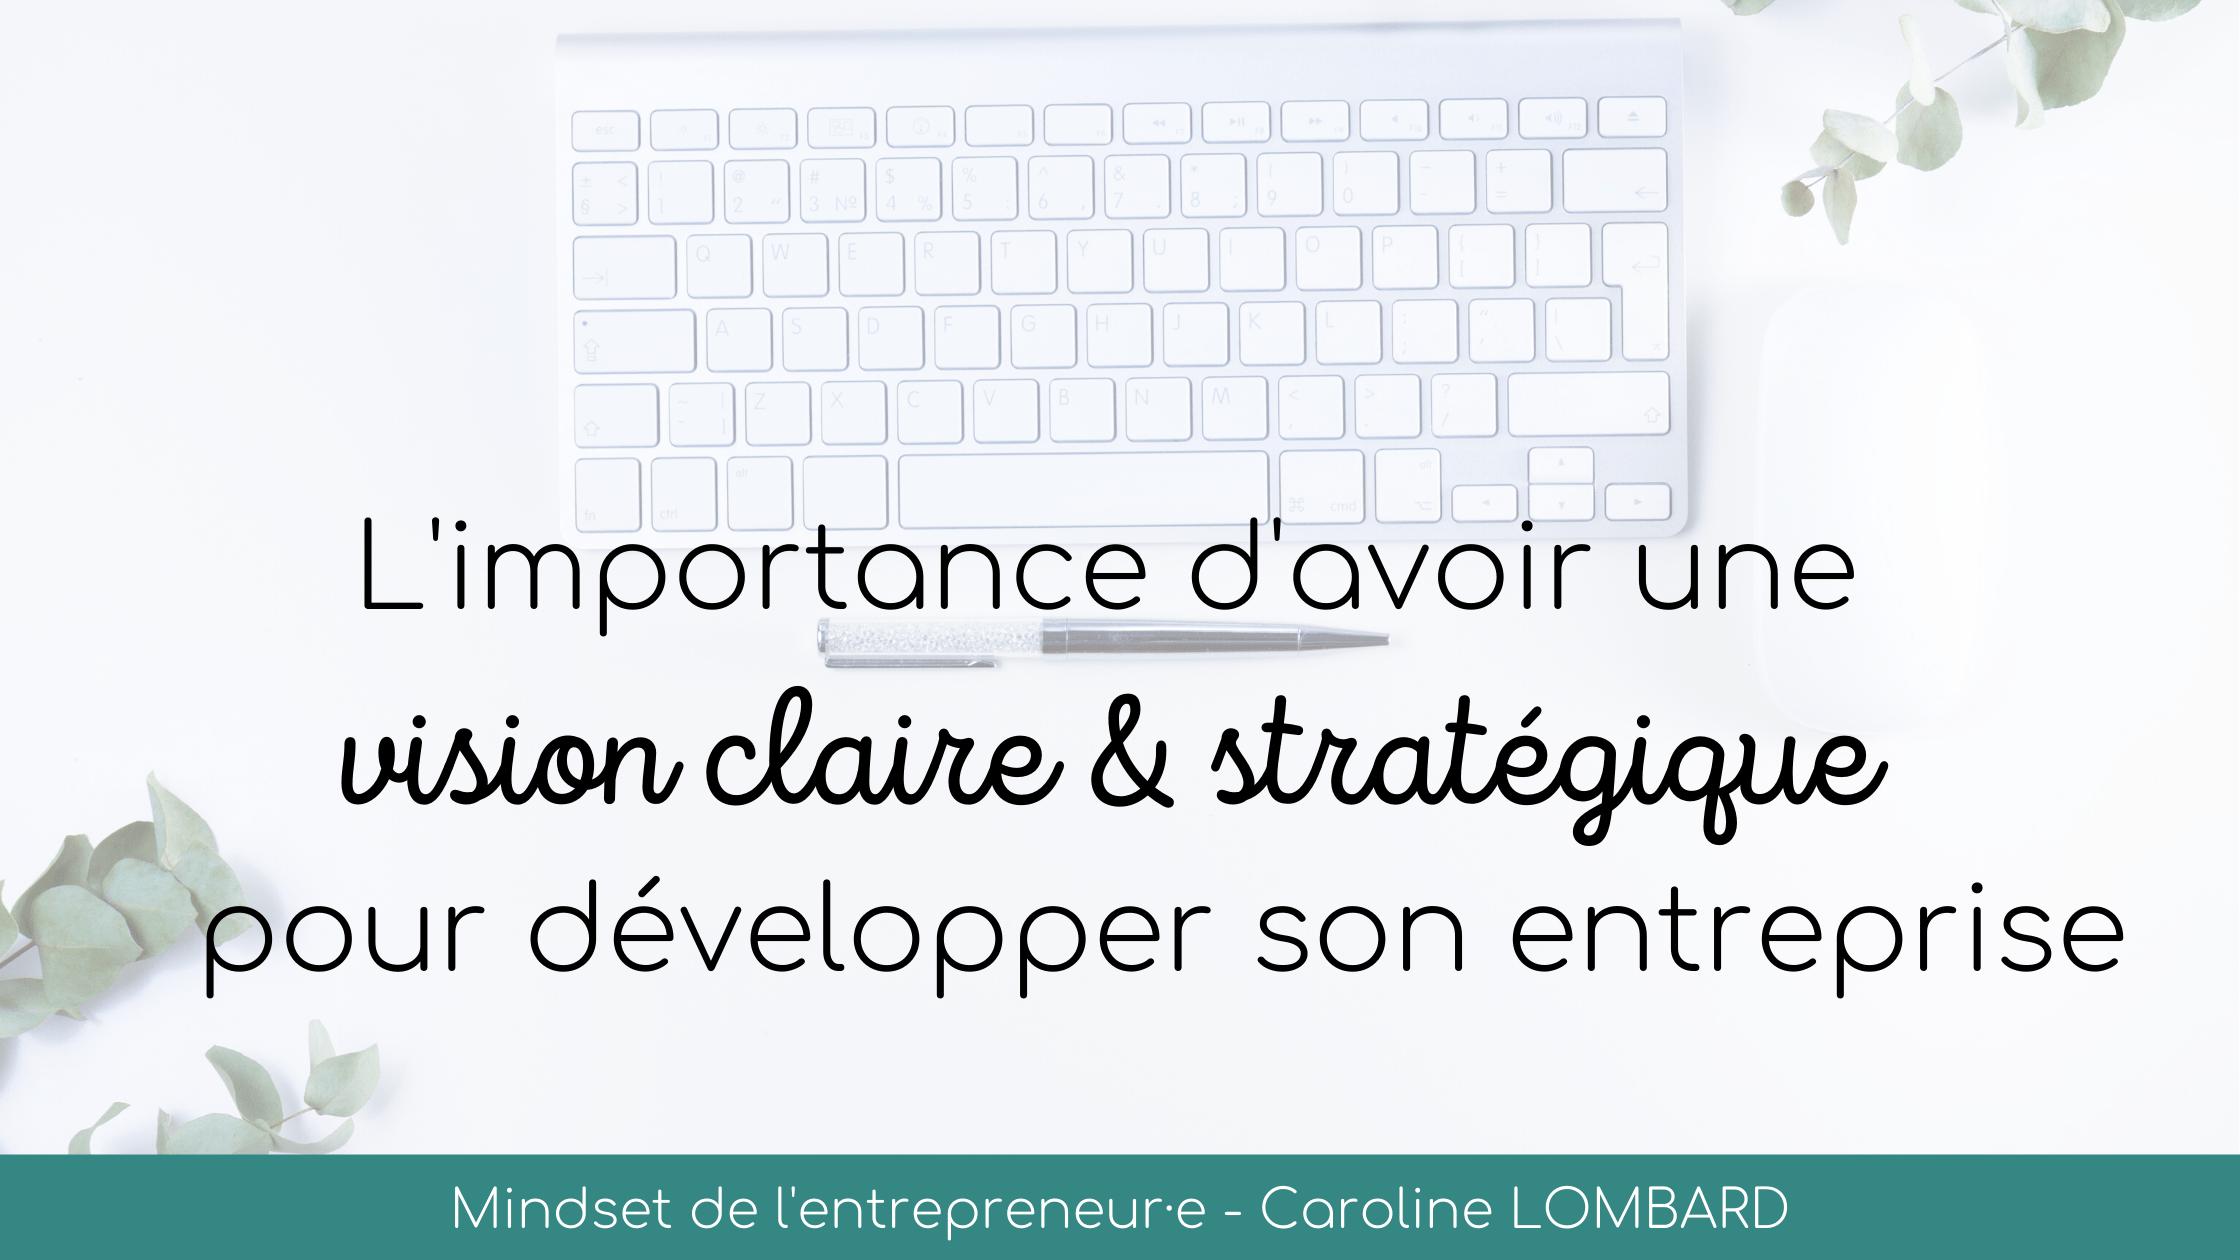 importance-d'avoir-une-vision-claire-et-stratégique-pour-développer-son-entreprise